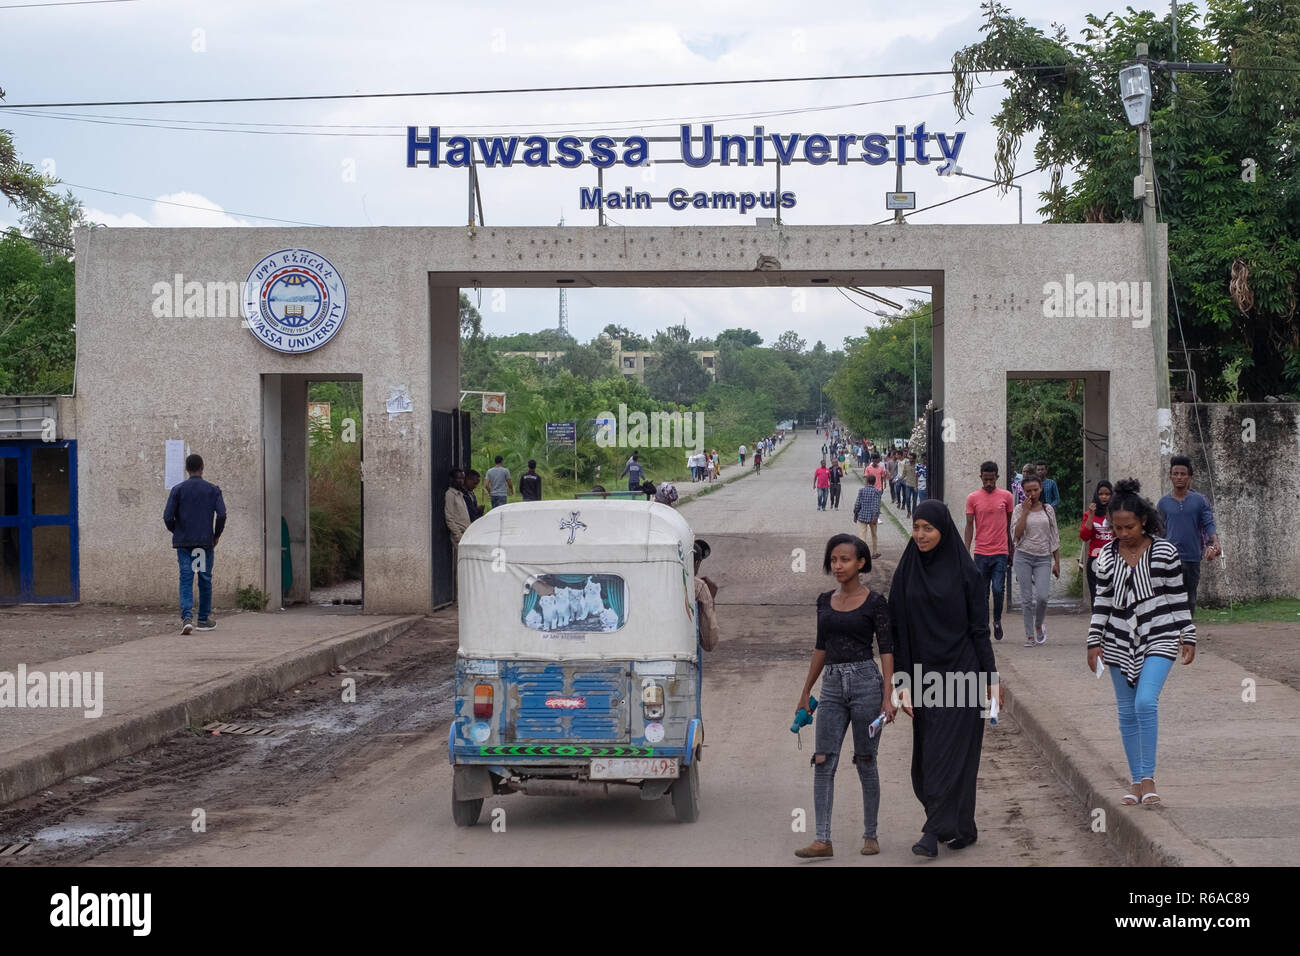 15 November 2018: Students walk out the entrance to Hawassa